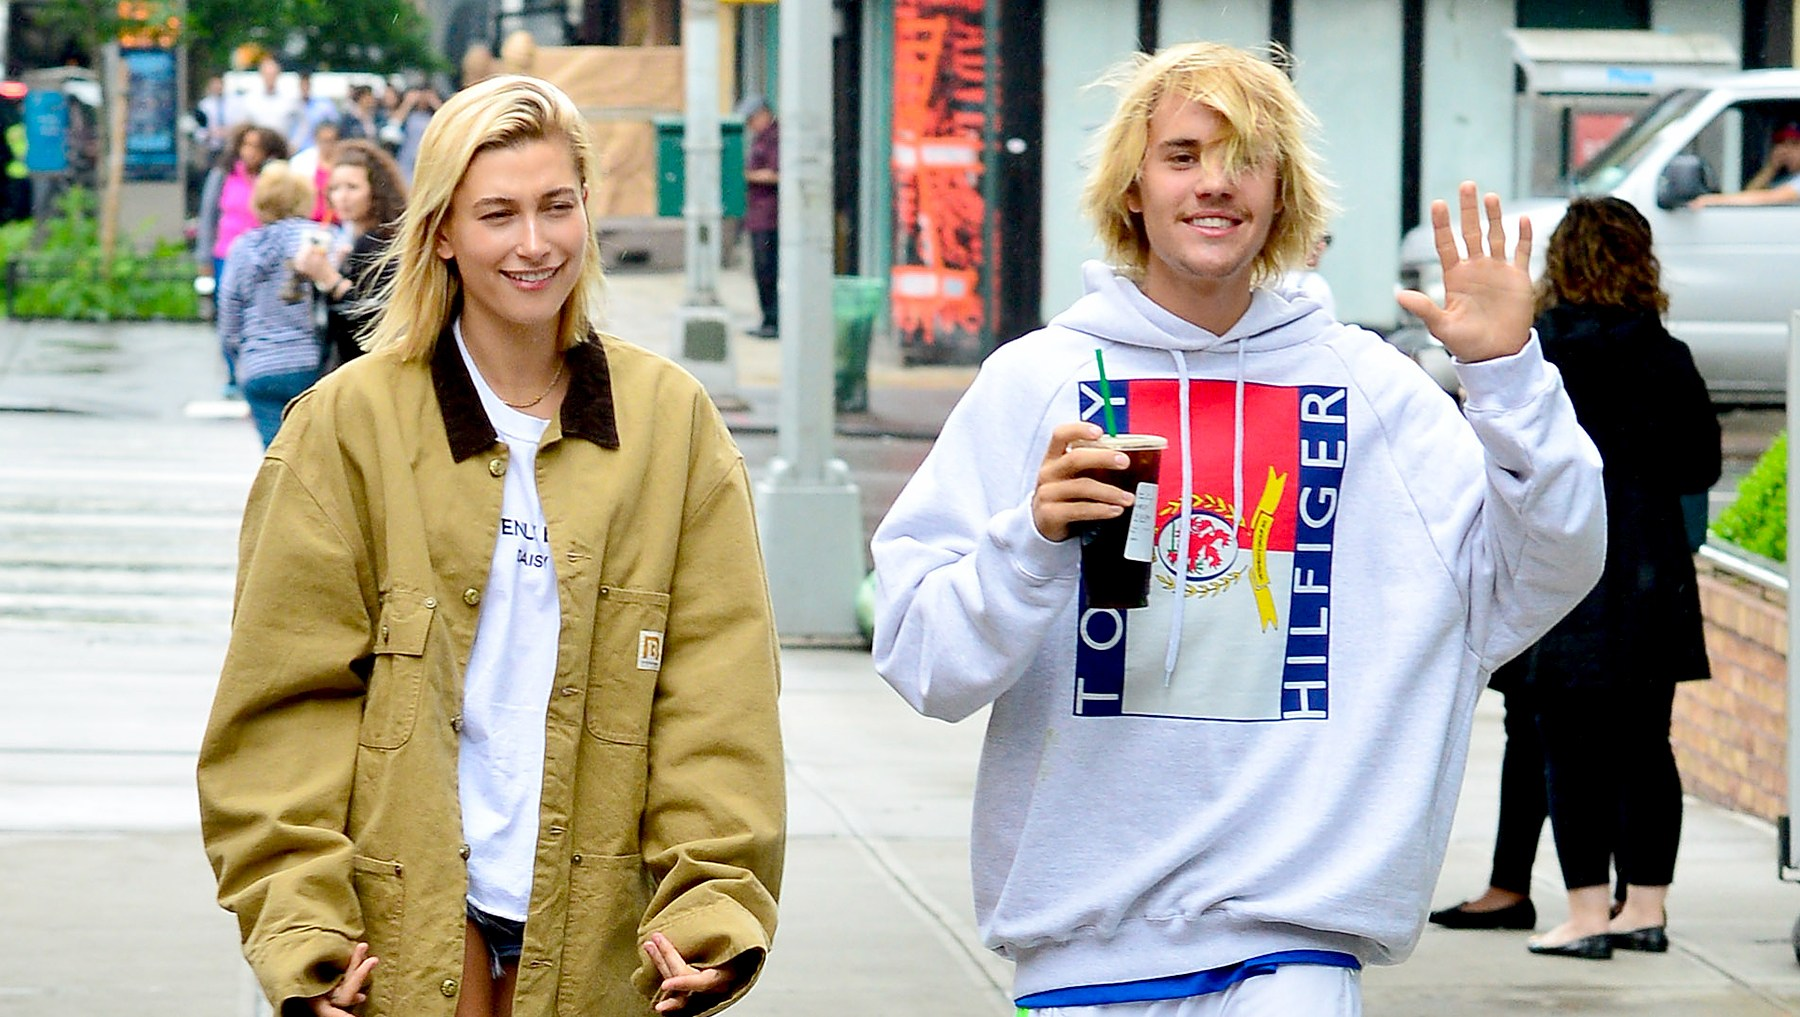 Hailey-Baldwin-Justin-Bieber-better-friends